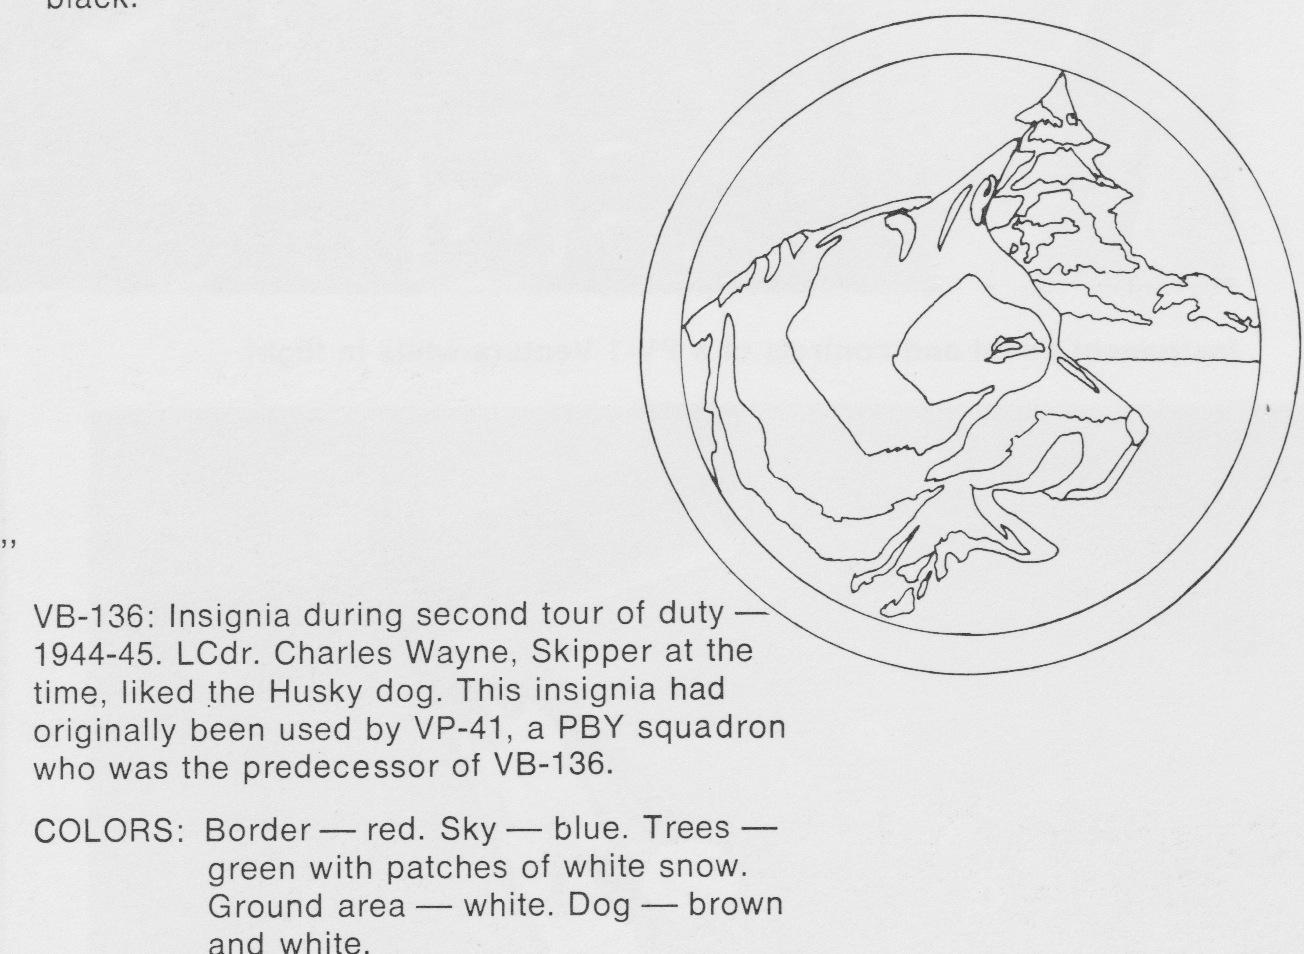 VB-136 logo, 2nd tour